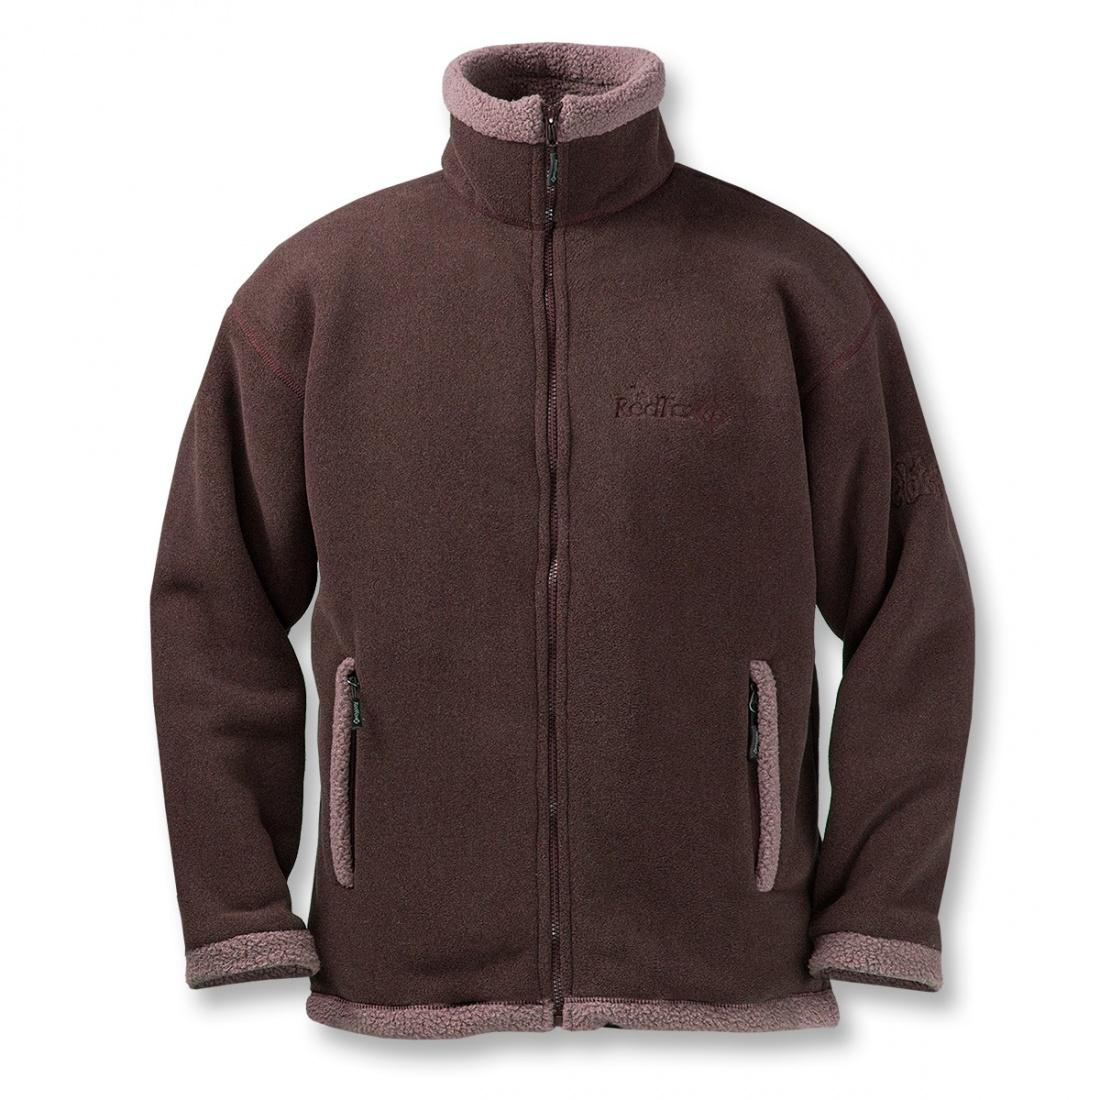 Куртка Cliff МужскаяКуртки<br><br> Модель курток Сliff признана одной из самых популярных в коллекции Red Fox среди изделий из материаловPolartec®.<br><br><br> <br><br><br><br><br>Мат...<br><br>Цвет: Коричневый<br>Размер: 60